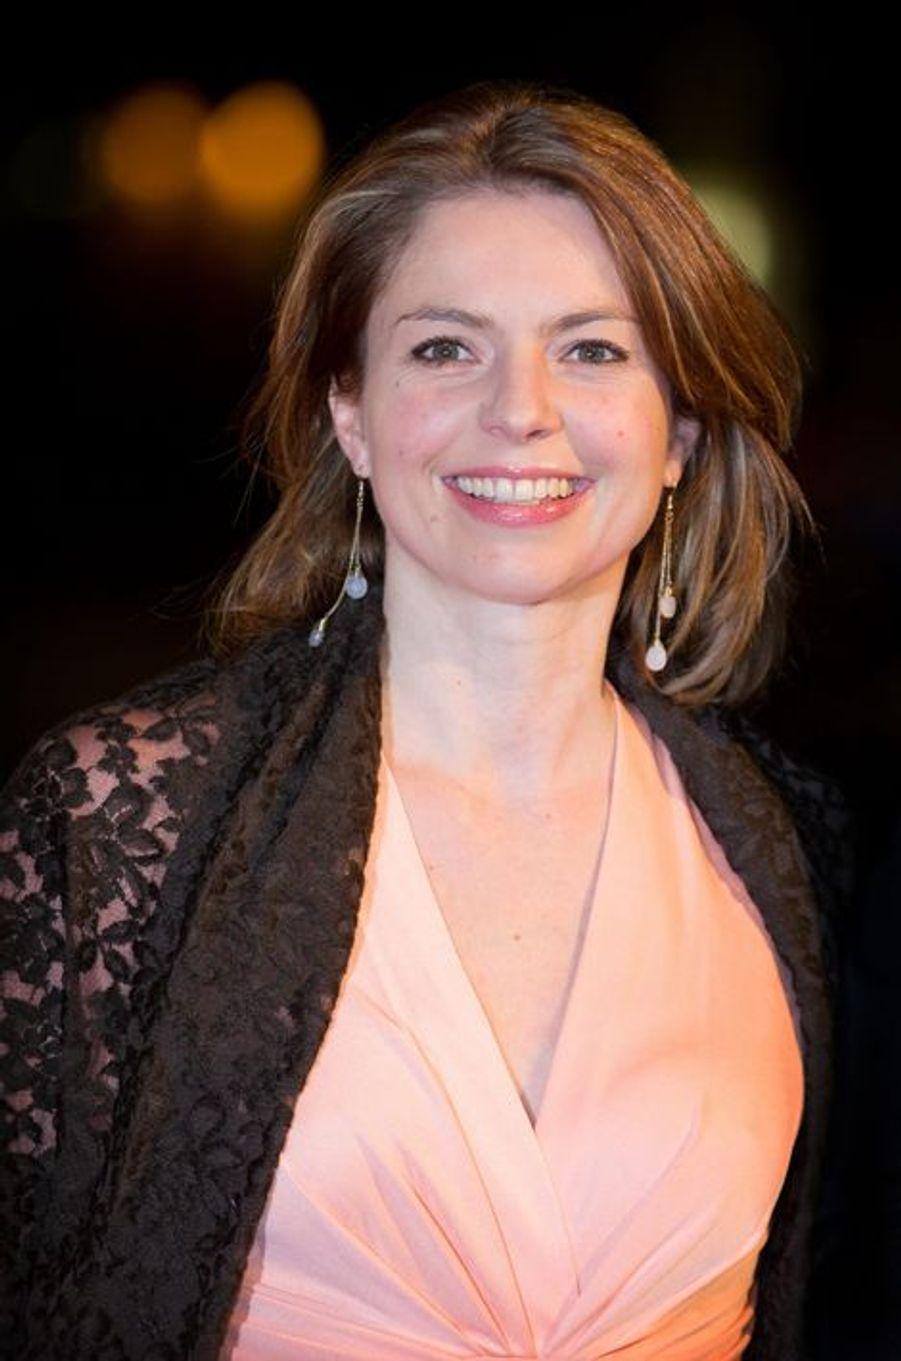 La princesse Anne-Marie de Bourbon-Parme au théâtre Beatrix d'Utrecht, le 8 décembre 2014